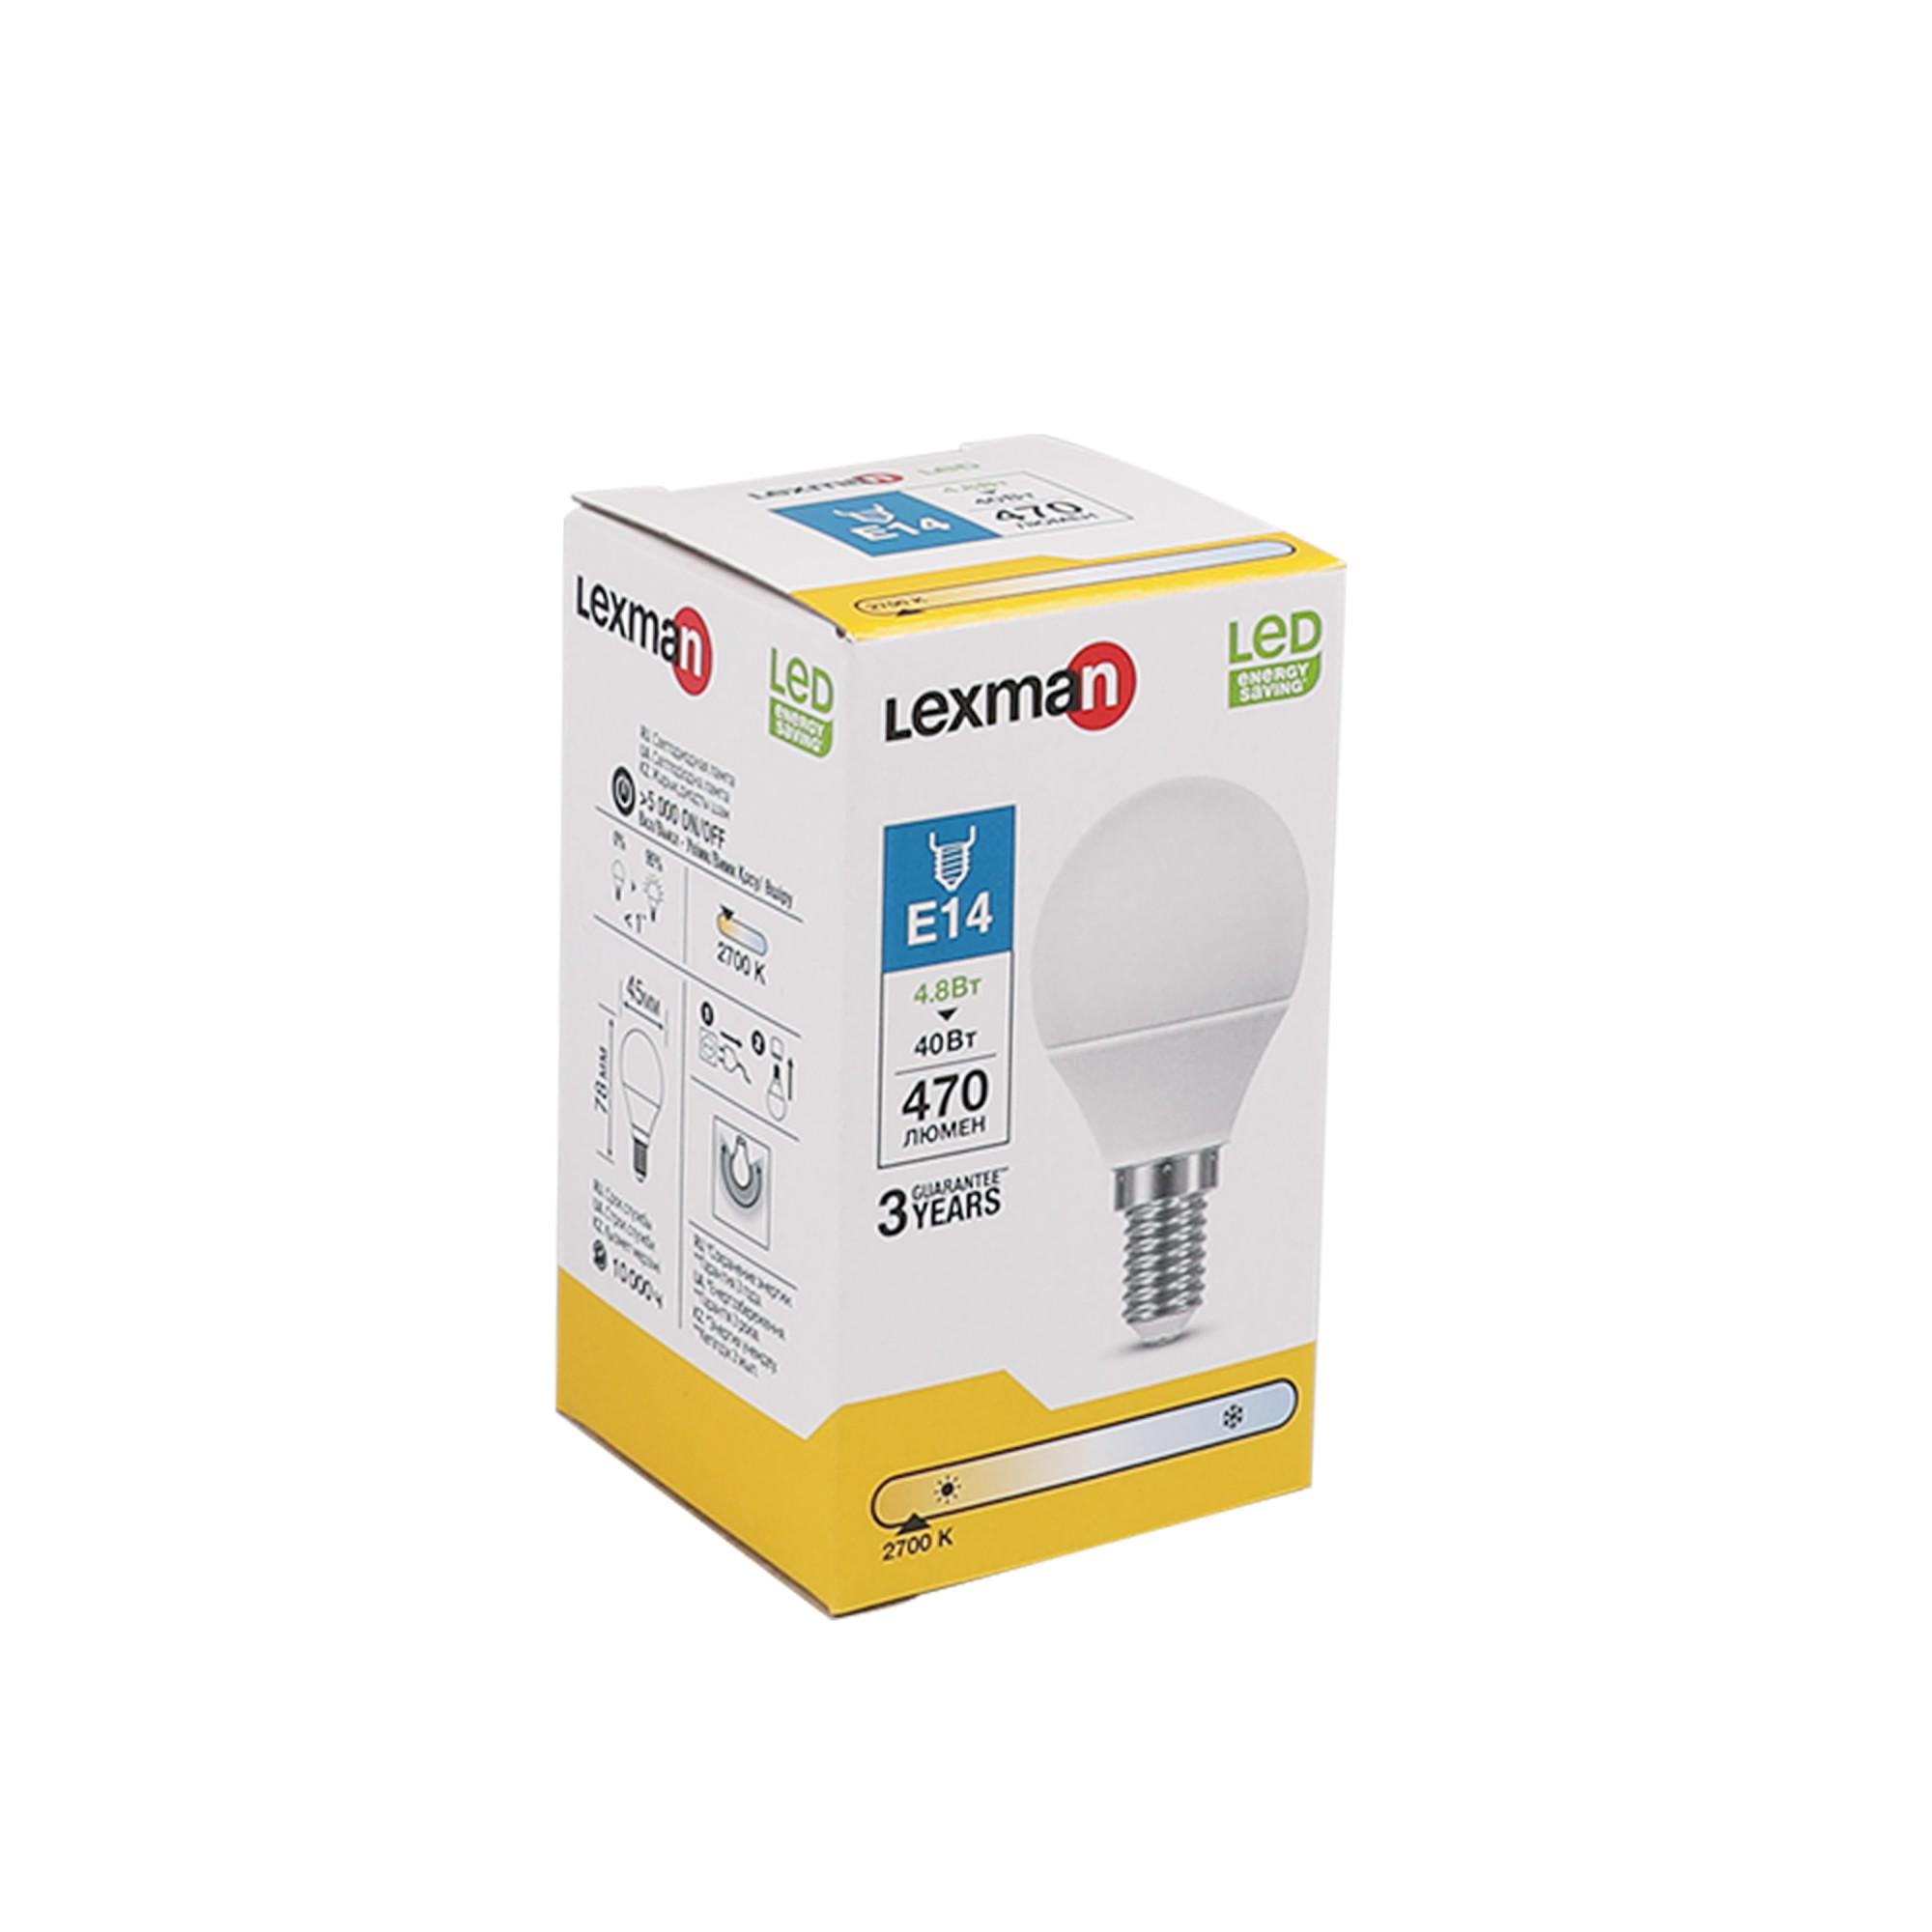 Лампа светодиодная Lexman E14 220 В 4.8 Вт шар матовая 470 лм тёплый белый свет